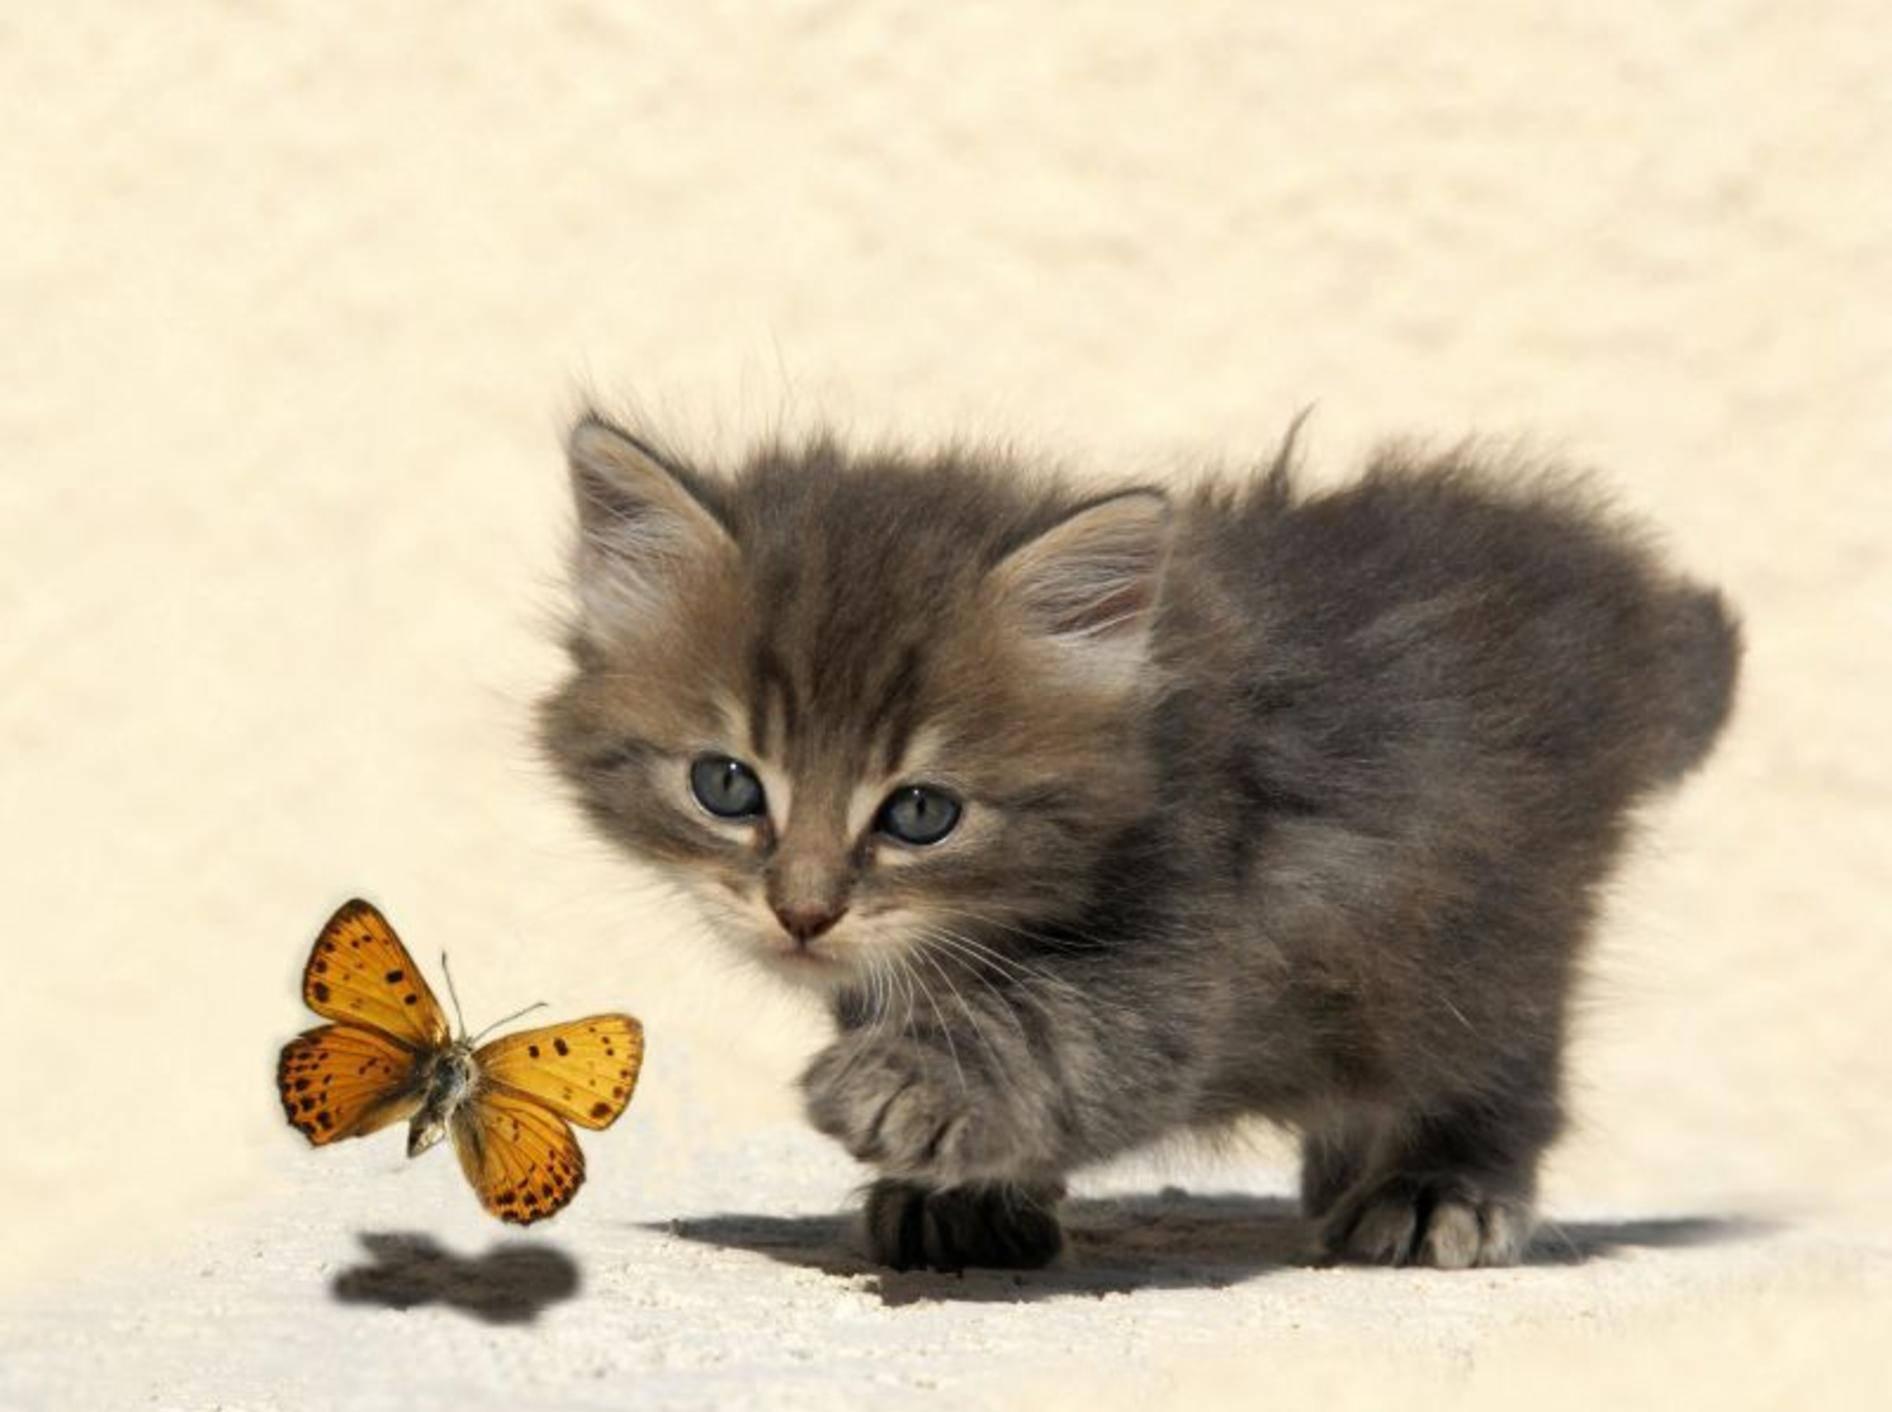 Katzenbaby und Schmetterling: Begegnung im Sonnenschein — Bild: Shutterstock / cynoclub